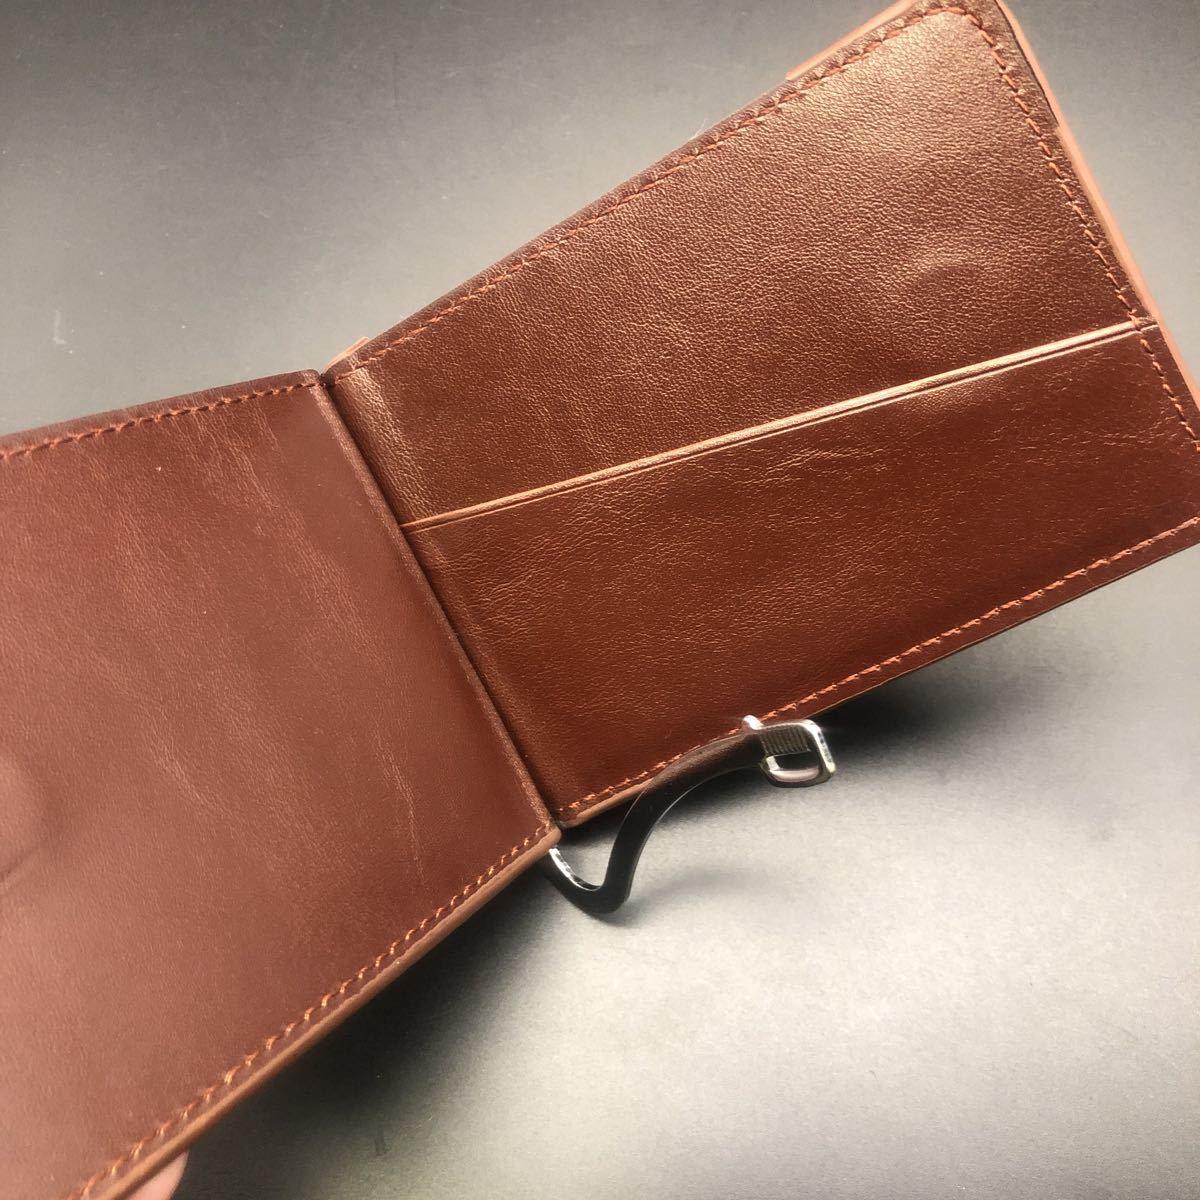 即決 baellerry 財布 マネークリップ 小銭入れ パスケース_画像4